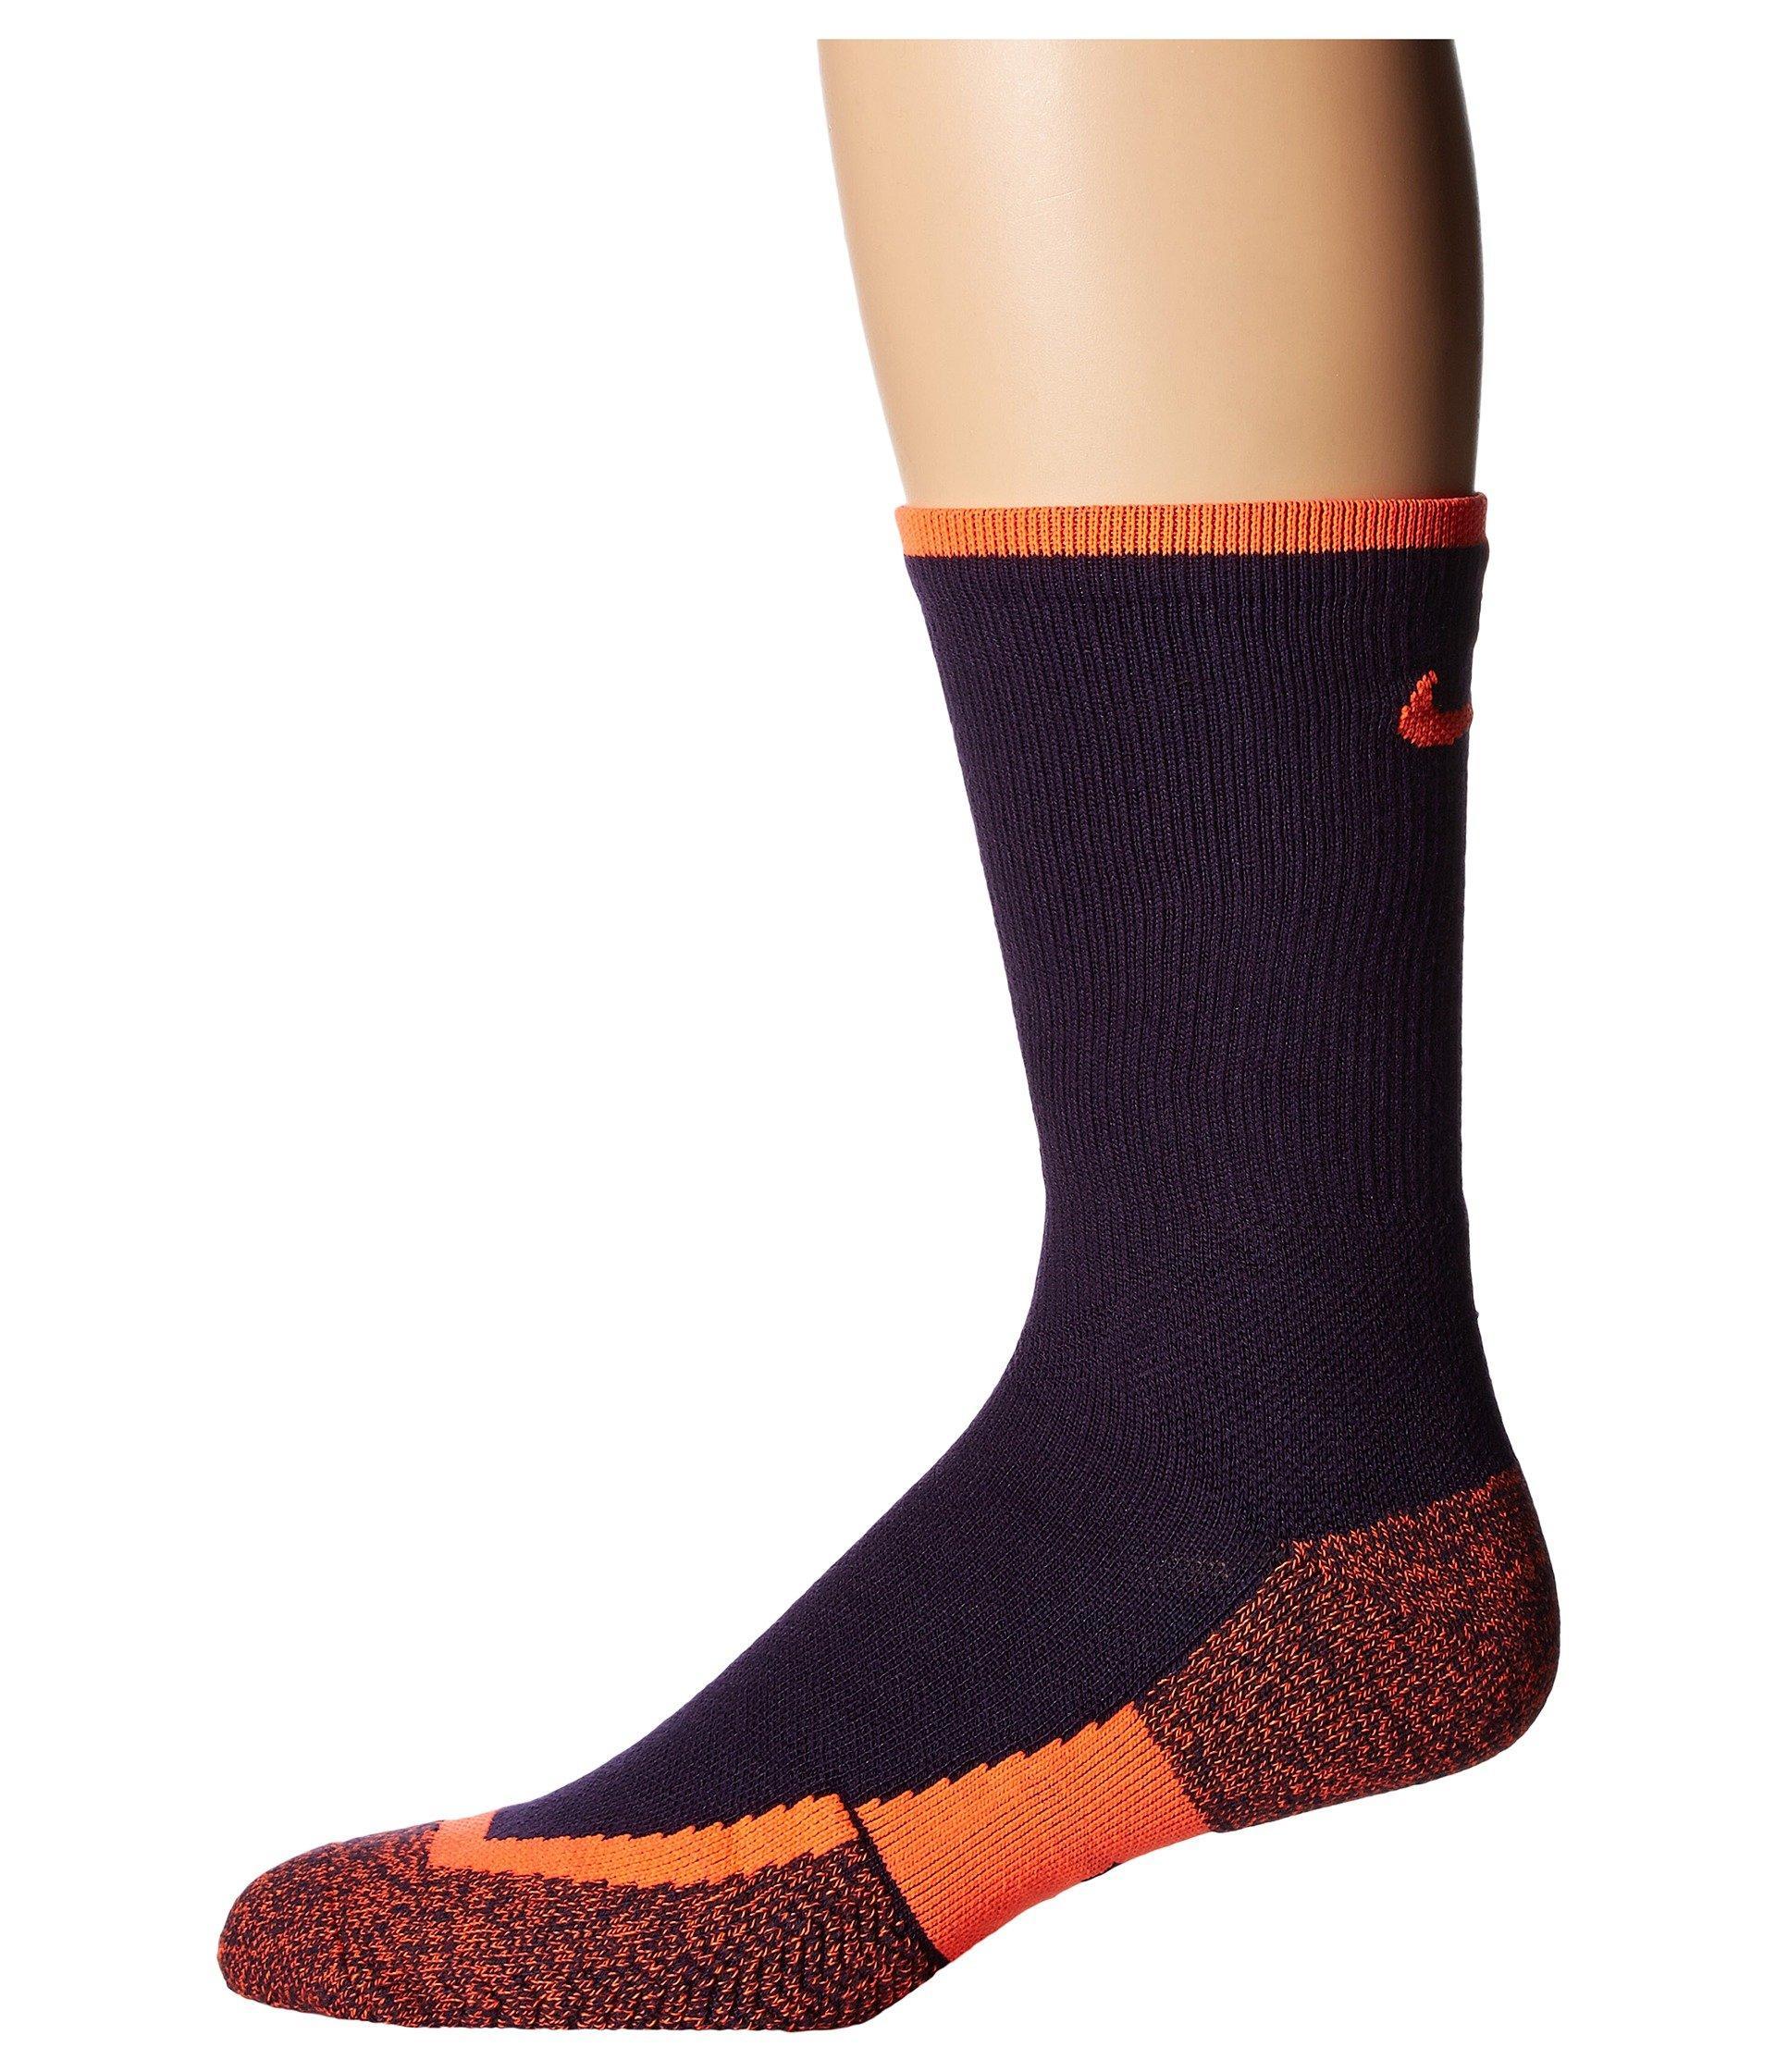 11d401d37 Nike NIKEGRIP Elite Crew Tennis Socks Black/Black/White Crew Cut Socks  Shoes Men